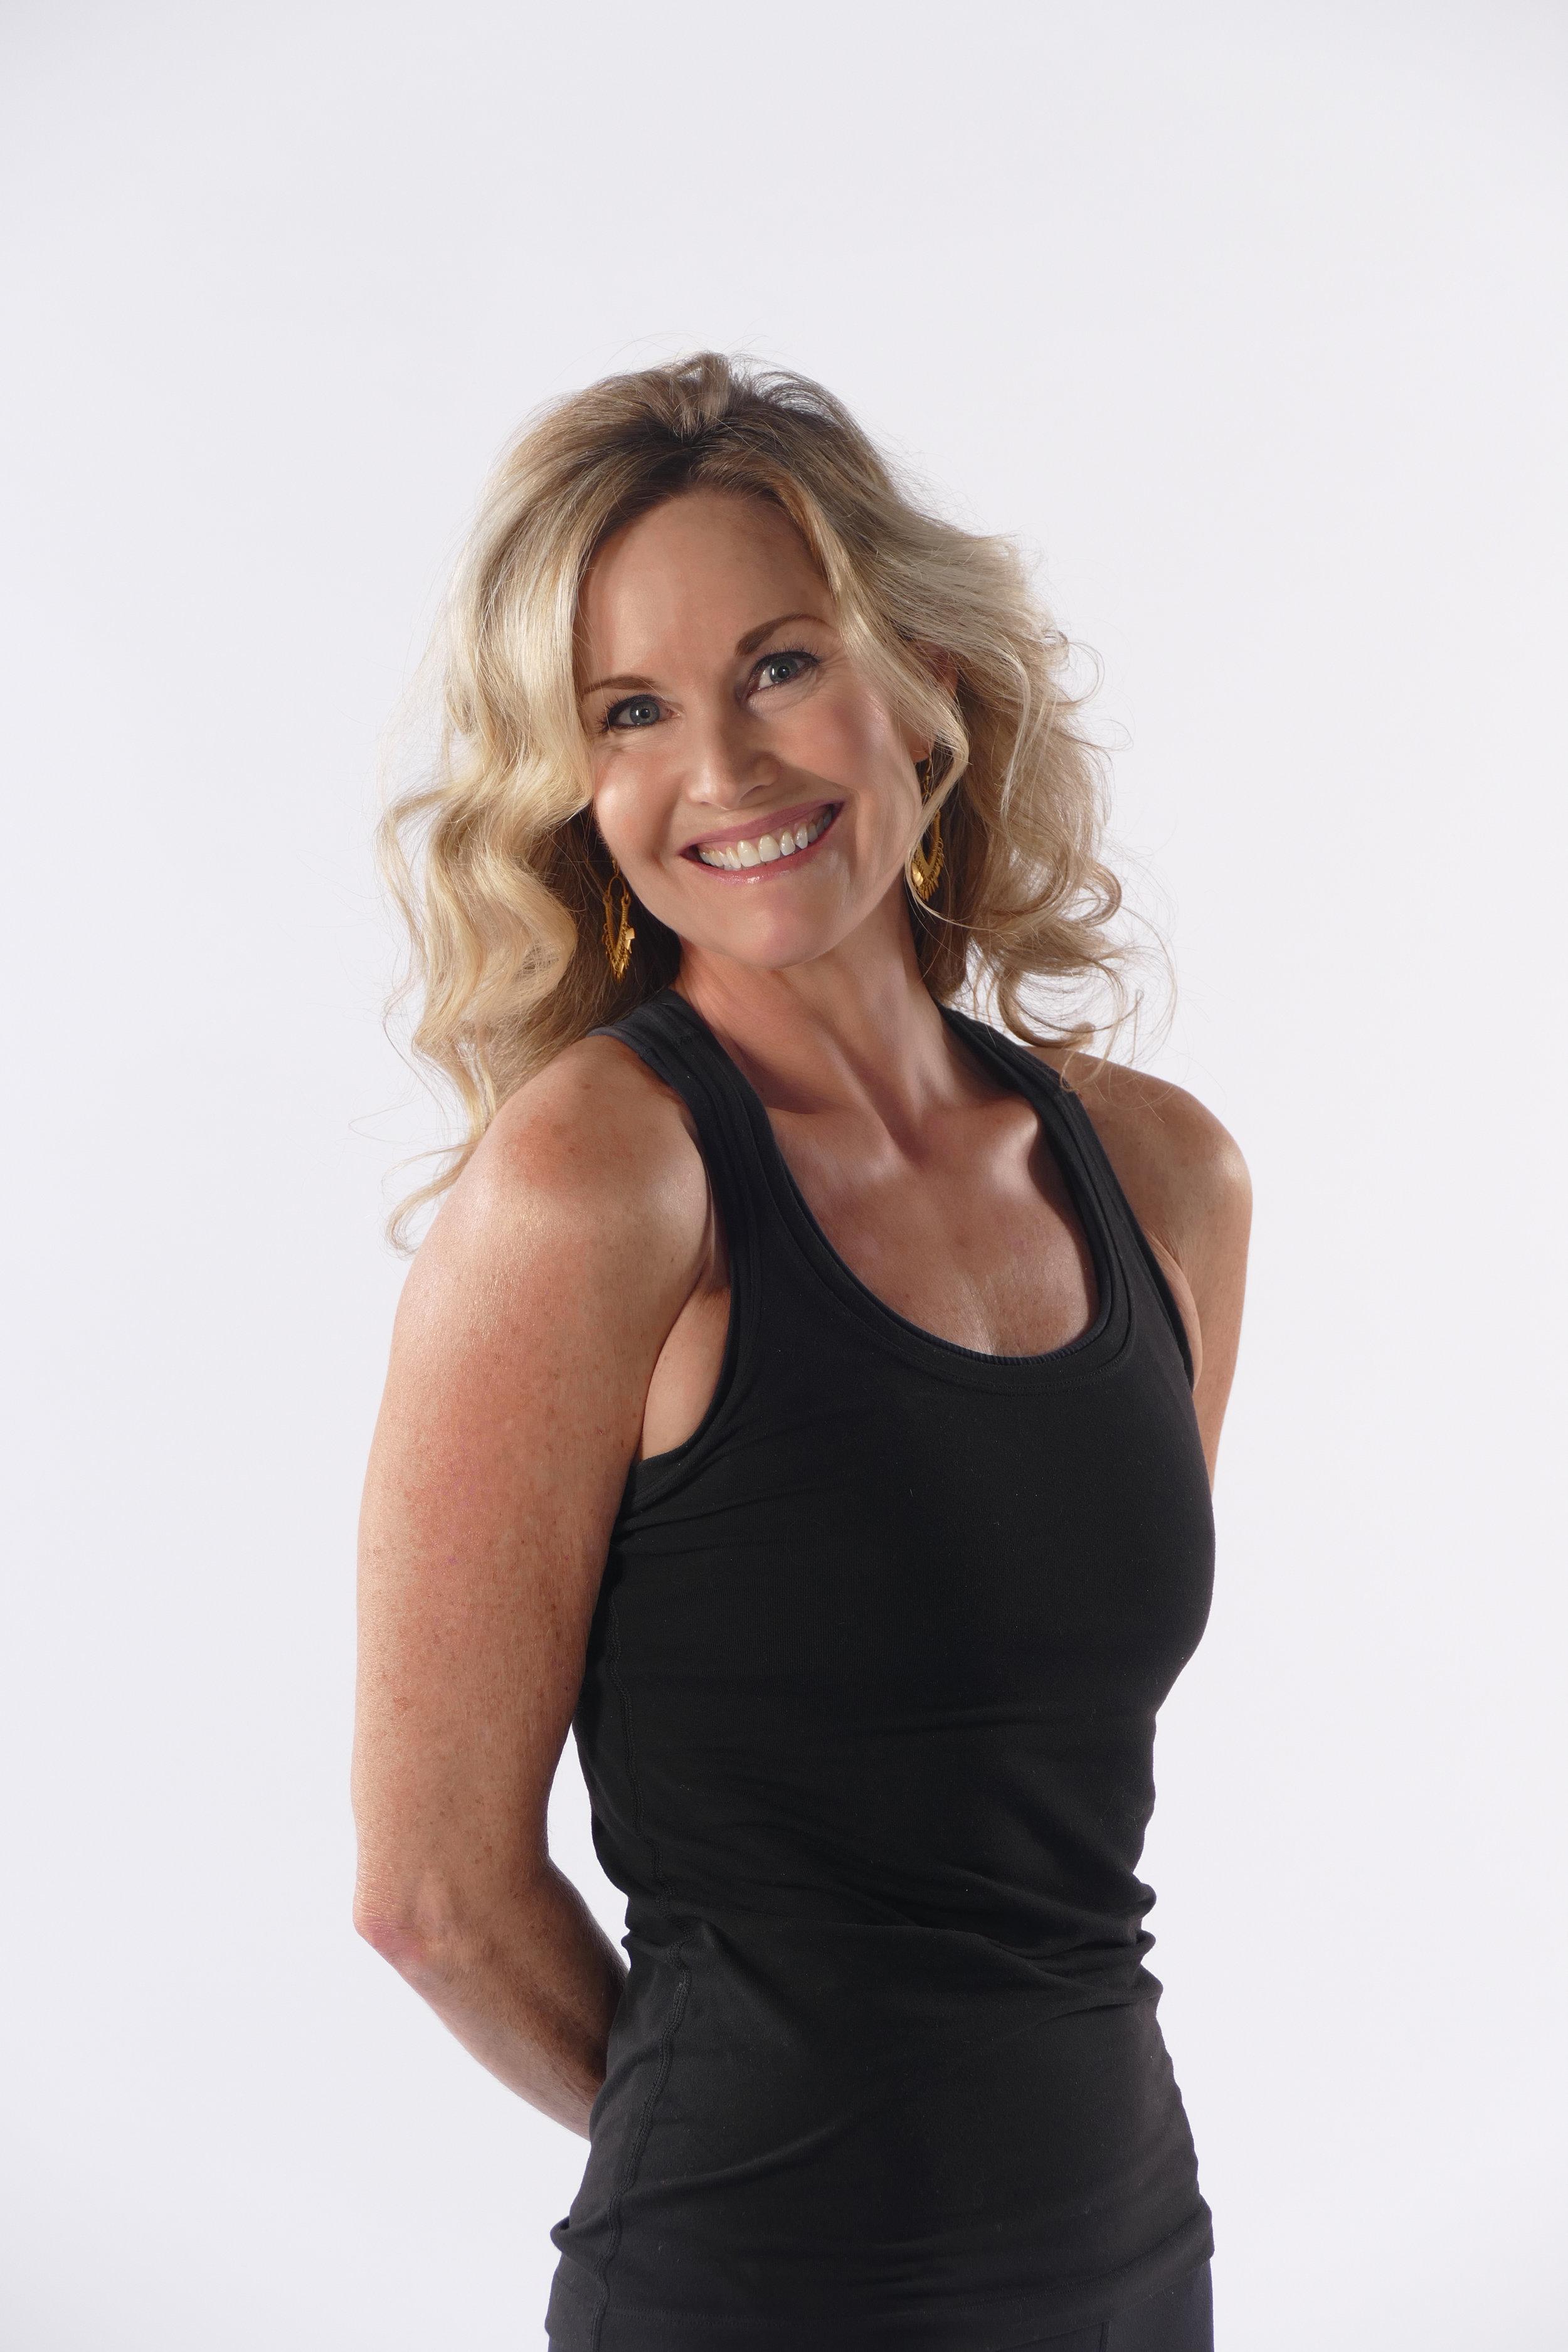 Caroline Gronowski · Owner, E-RYT 200